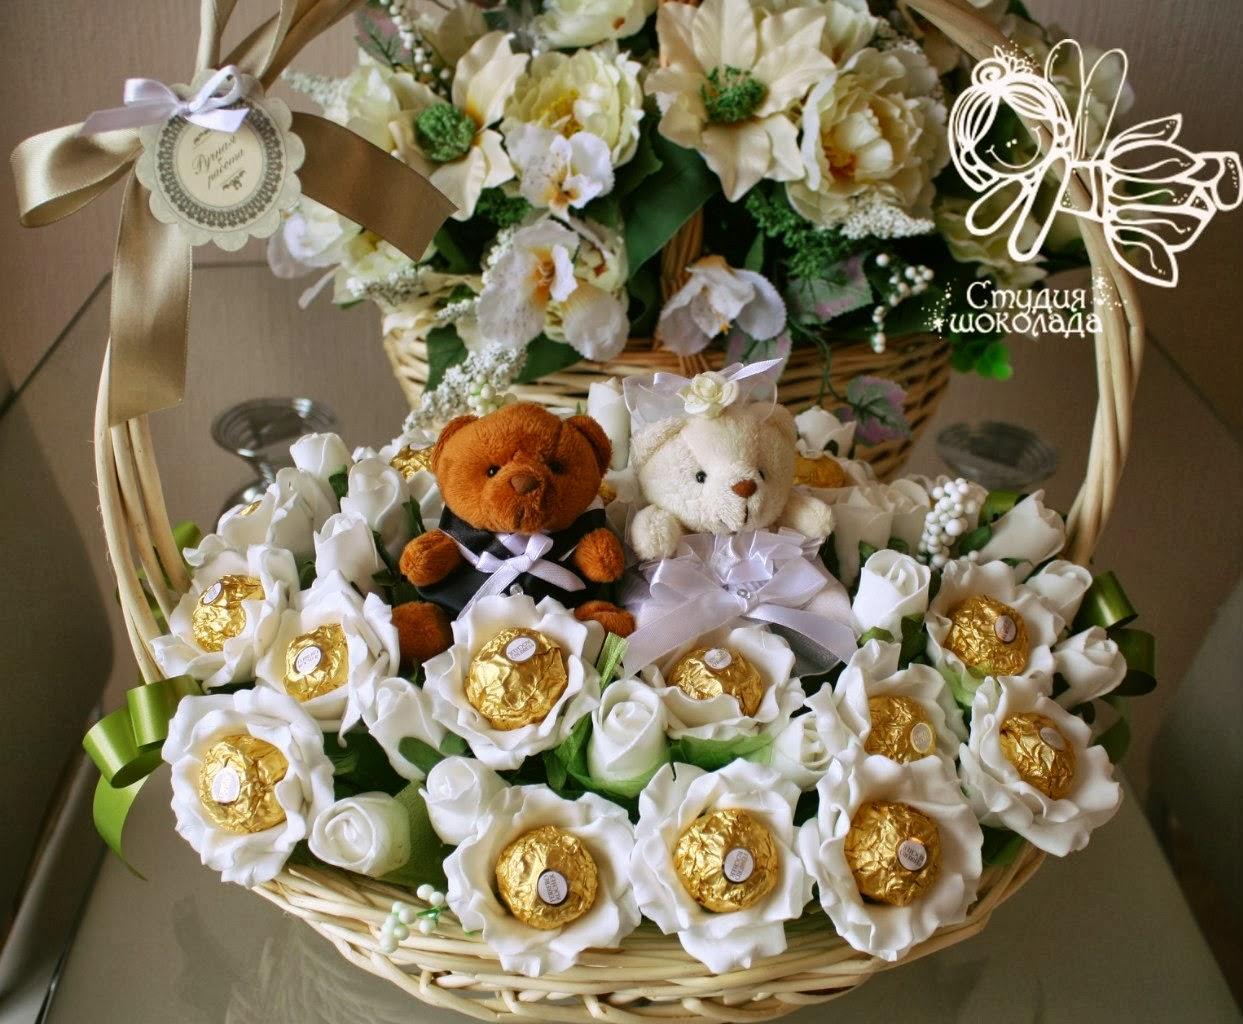 Букет на свадьбу в подарок молодоженам от родных и близких 5